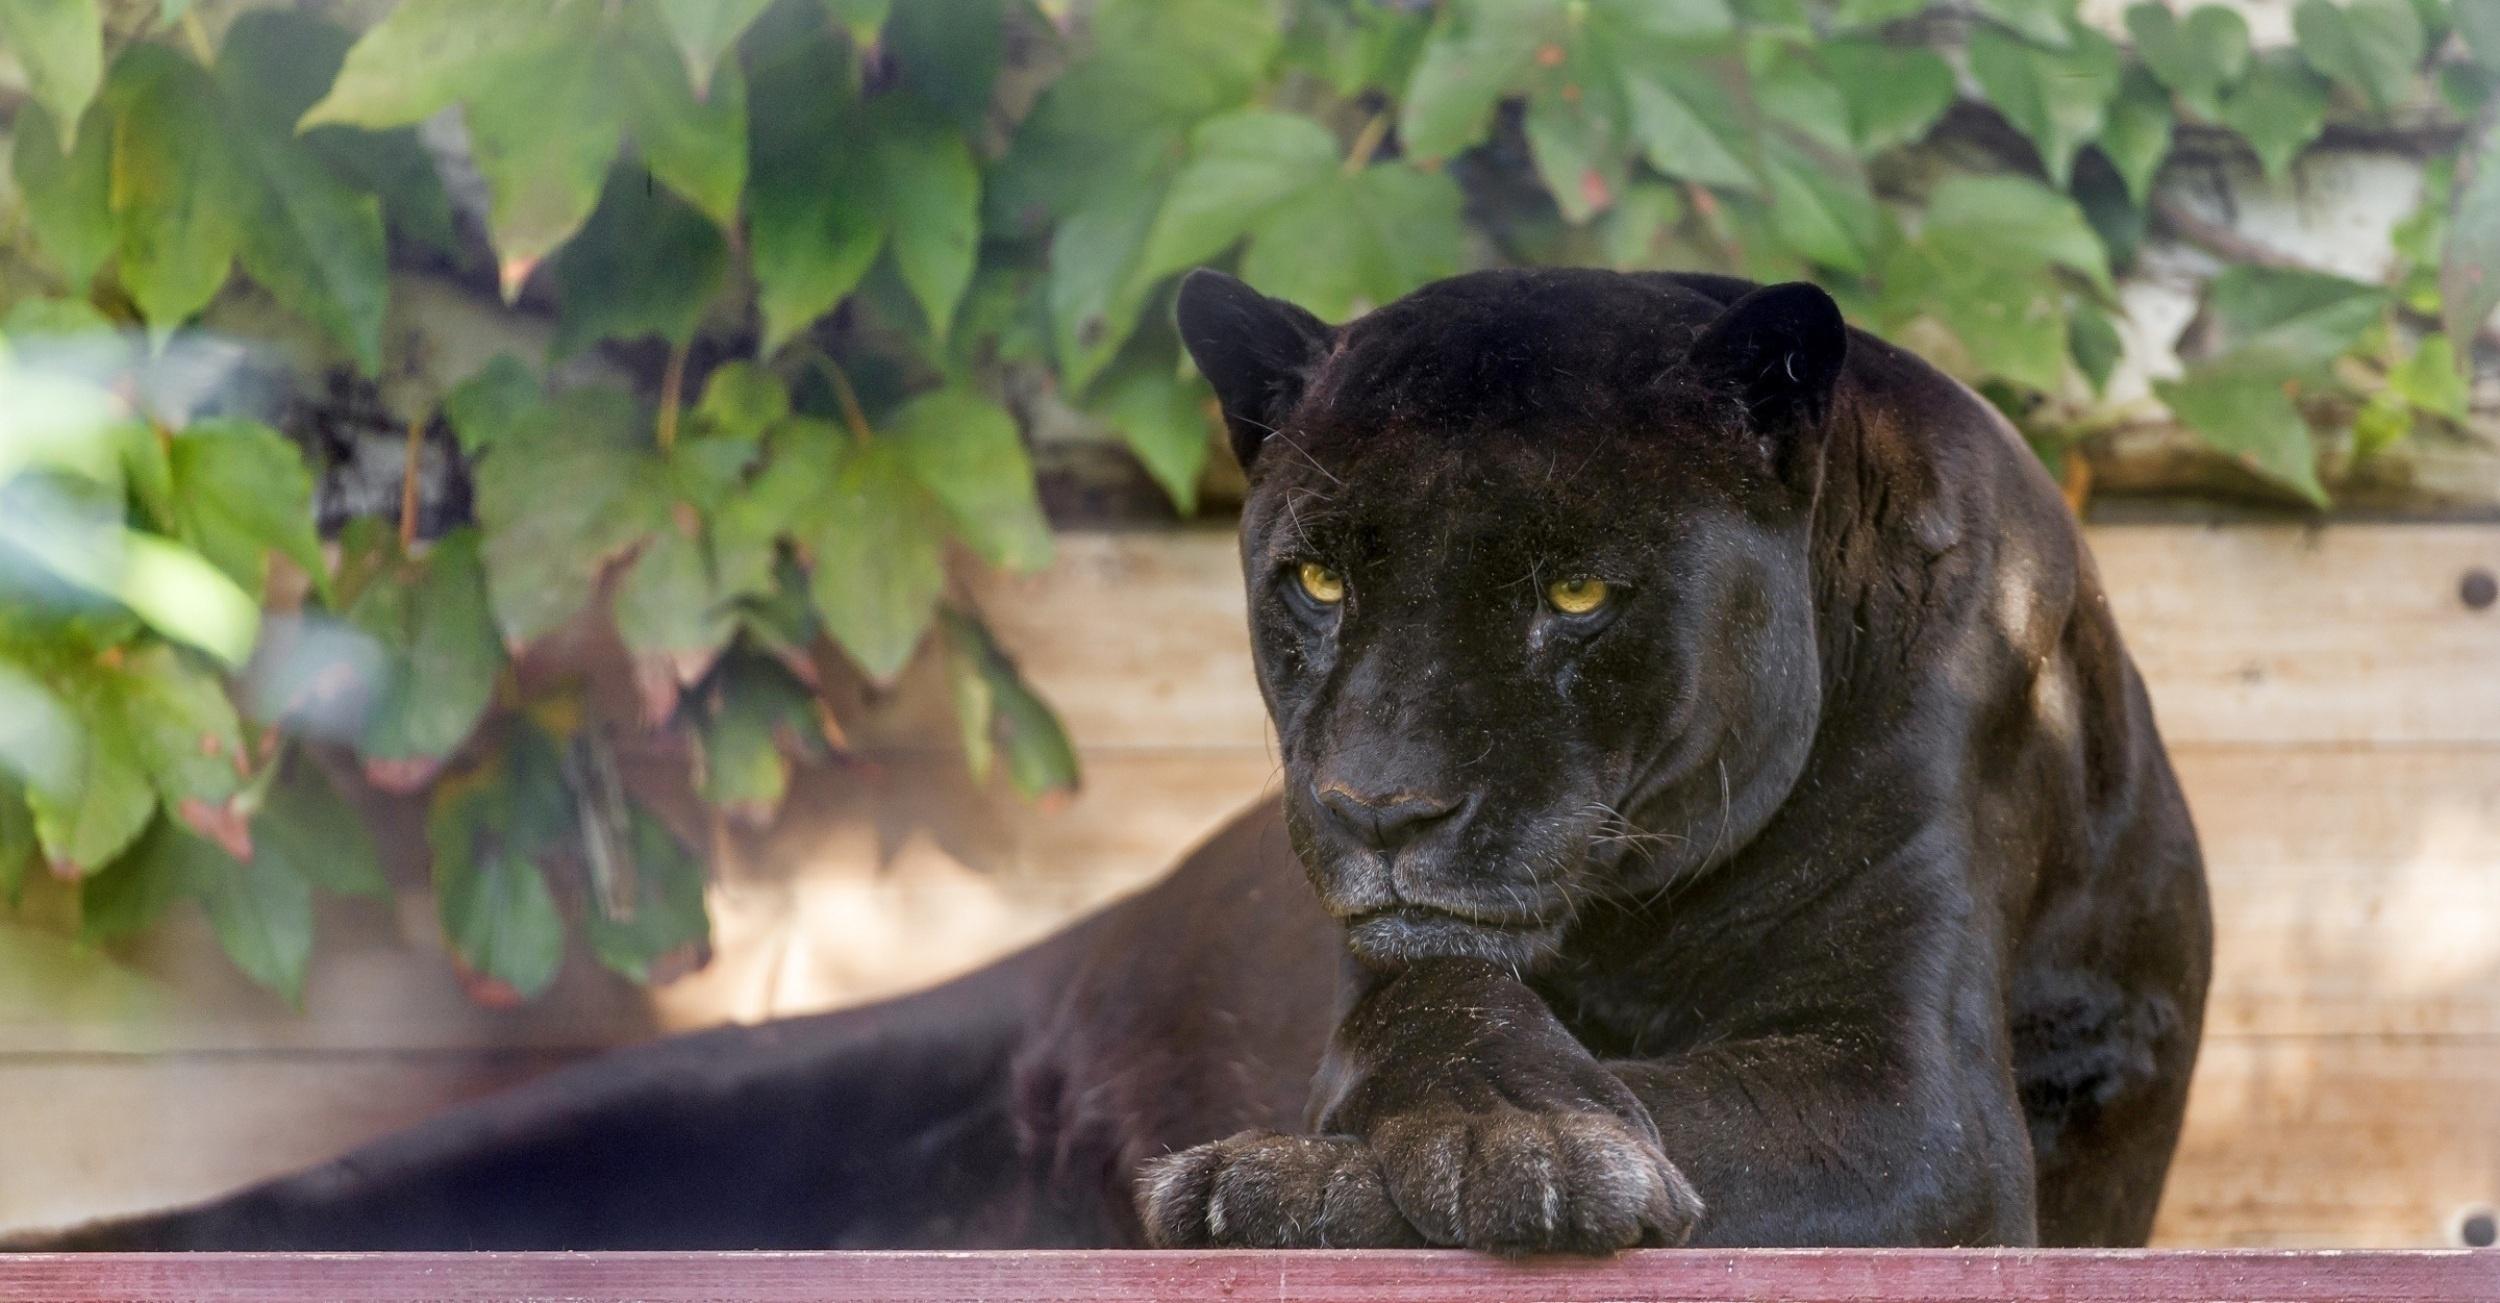 98484 Hintergrundbild herunterladen Tiere, Das Schwarze, Raubtier, Predator, Wilde Katze, Wildkatze, Panther - Bildschirmschoner und Bilder kostenlos